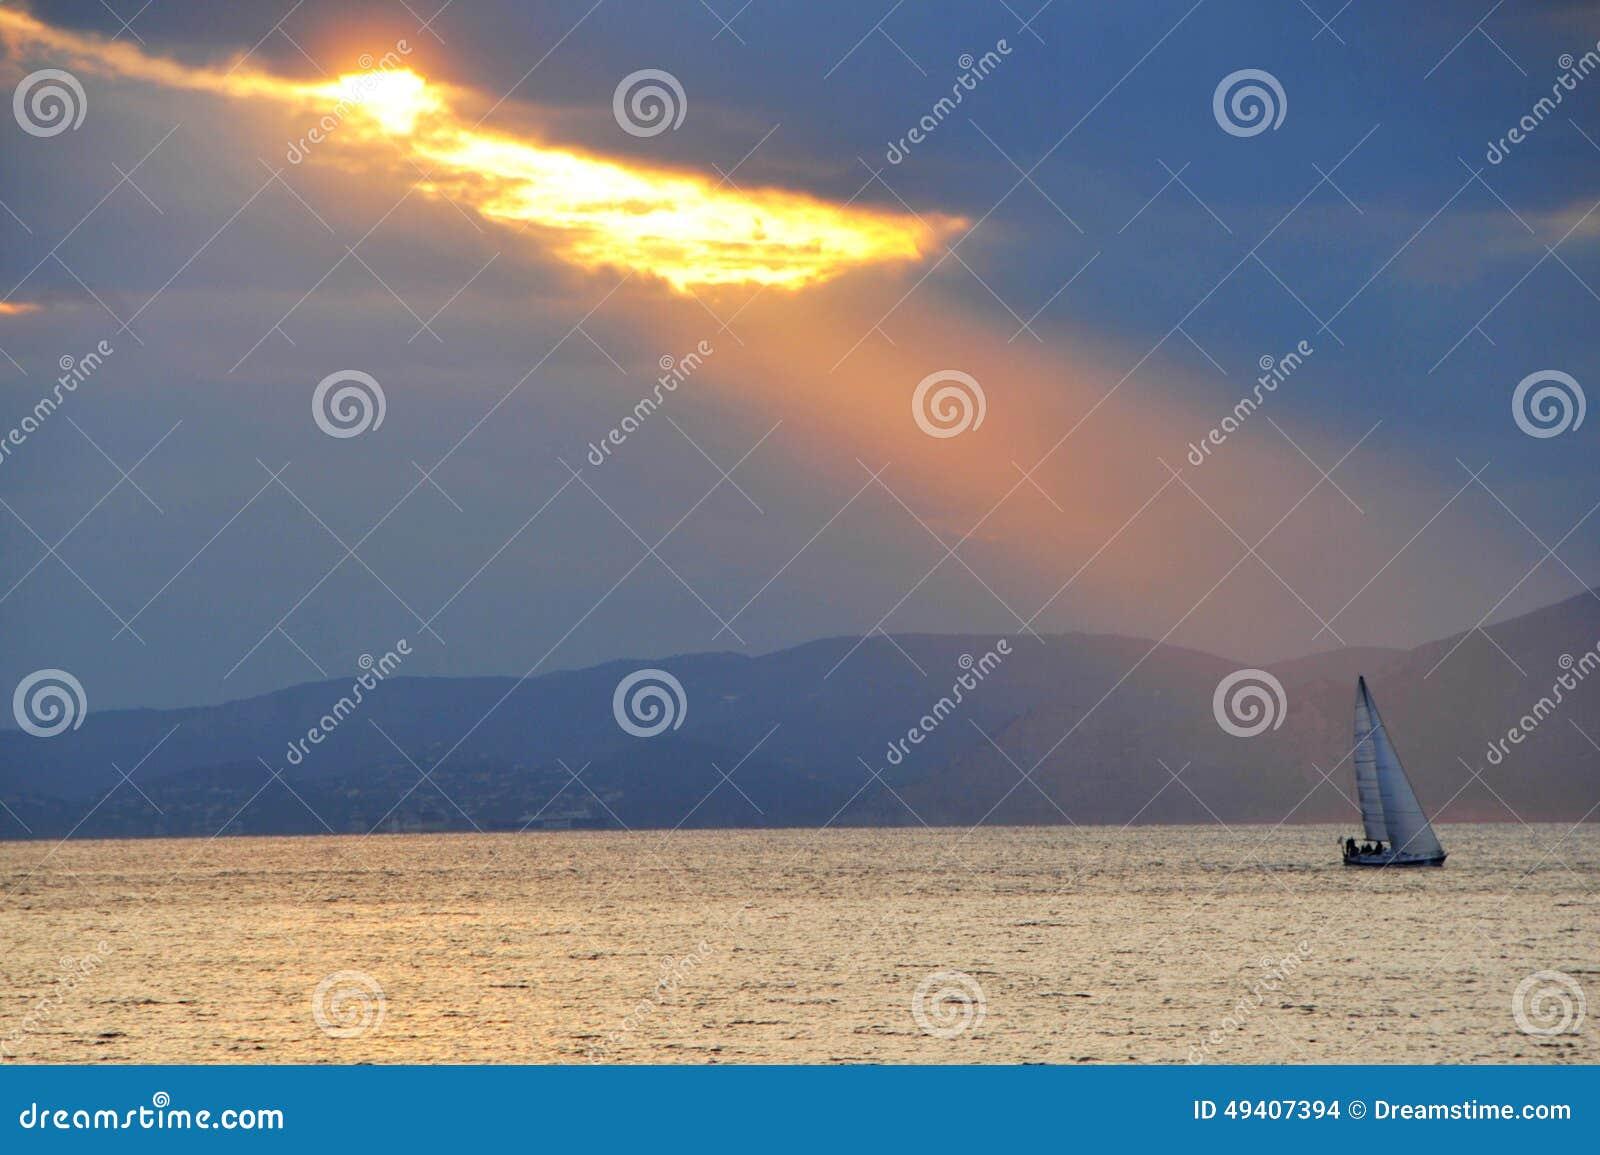 Download Segeln am Sonnenuntergang stockfoto. Bild von abend, romantisch - 49407394